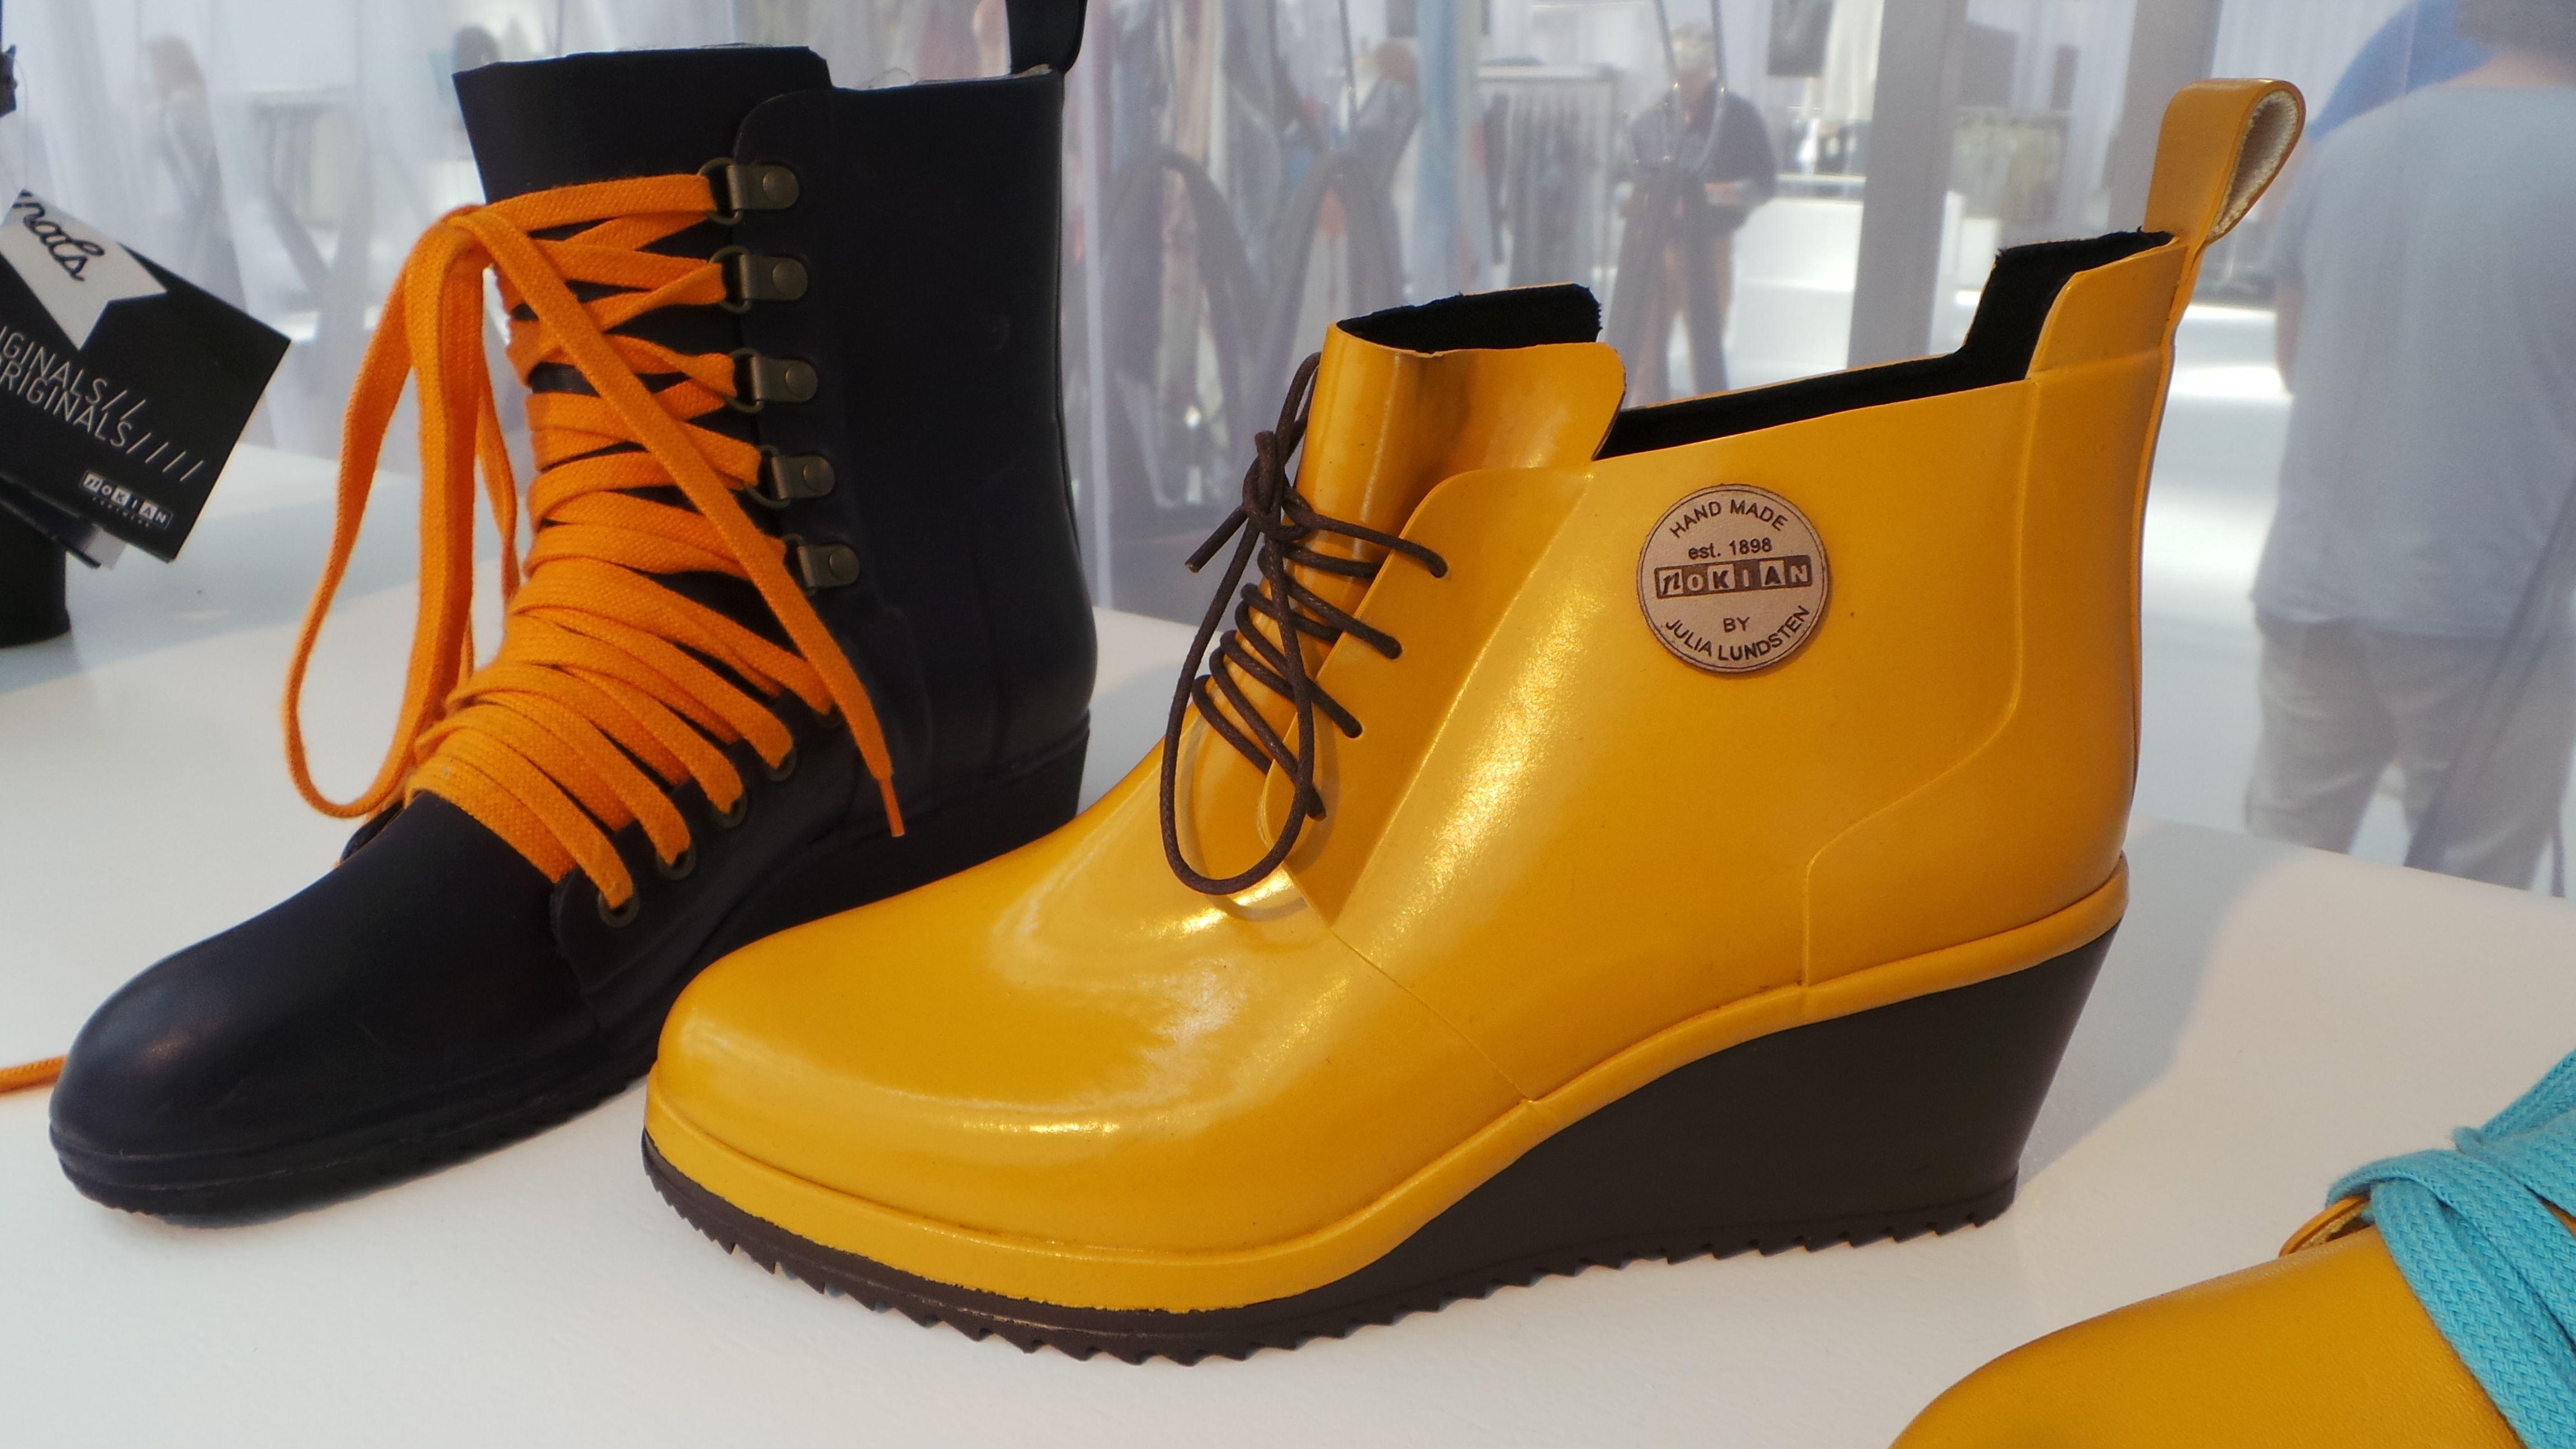 Ook volgende zomer is de regenlaars weer in fashion. Hij lijkt steeds meer fashiontransformatie door te maken.